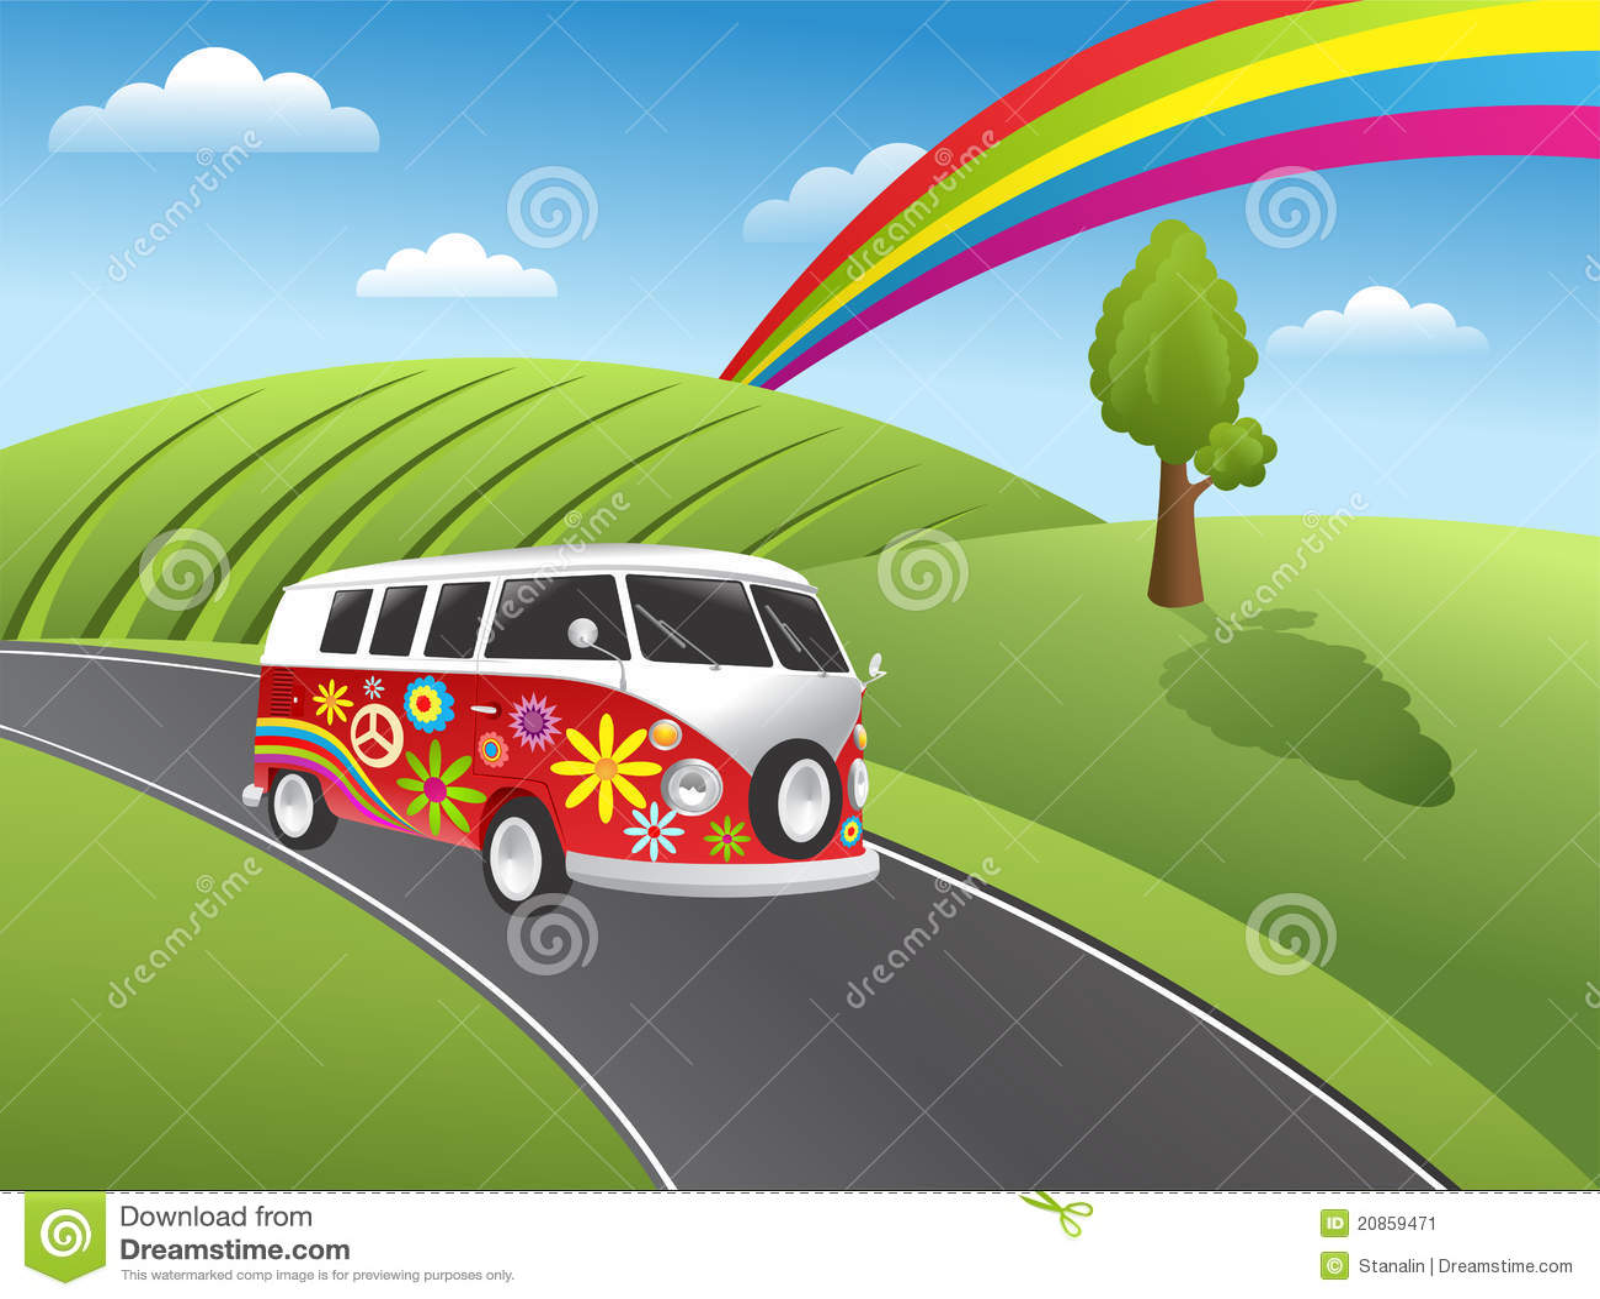 retro hippie van stock image